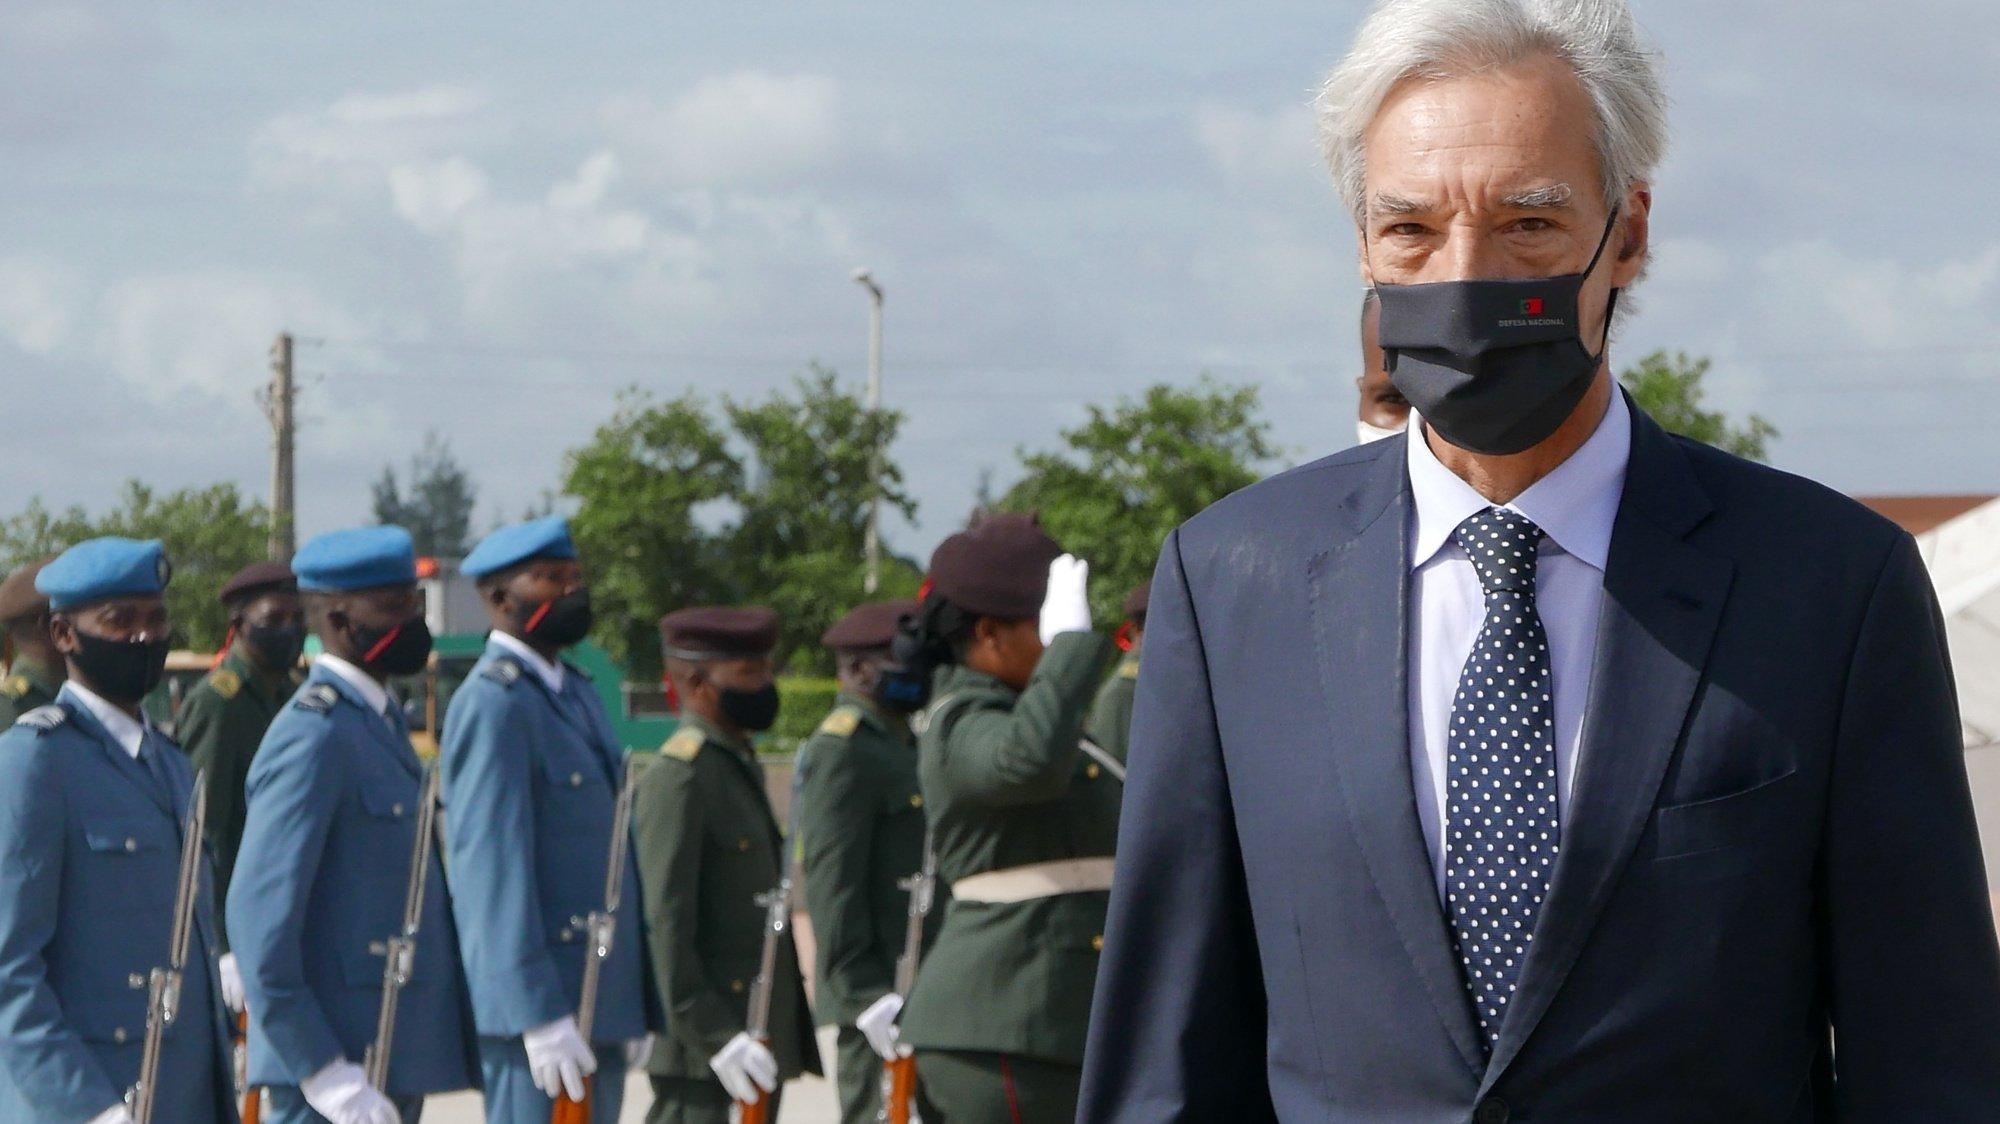 O ministro da Defesa Nacional, João Gomes Cravinho, durante a passagem pelo monumento dos Heróis Nacionais, em Maputo, Moçambique, 09 de dezembro de 2020. João Gomes Cravinho estará em Moçambique até sexta-feira, tendo em vista a negociação de um novo programa de cooperação bilateral no domínio da Defesa e o estreitamento de relações com África no âmbito da Presidência Portuguesa do Conselho da União Europeia (PPUE), que se iniciará em janeiro. LUÍSA NHANTUMBO/LUSA